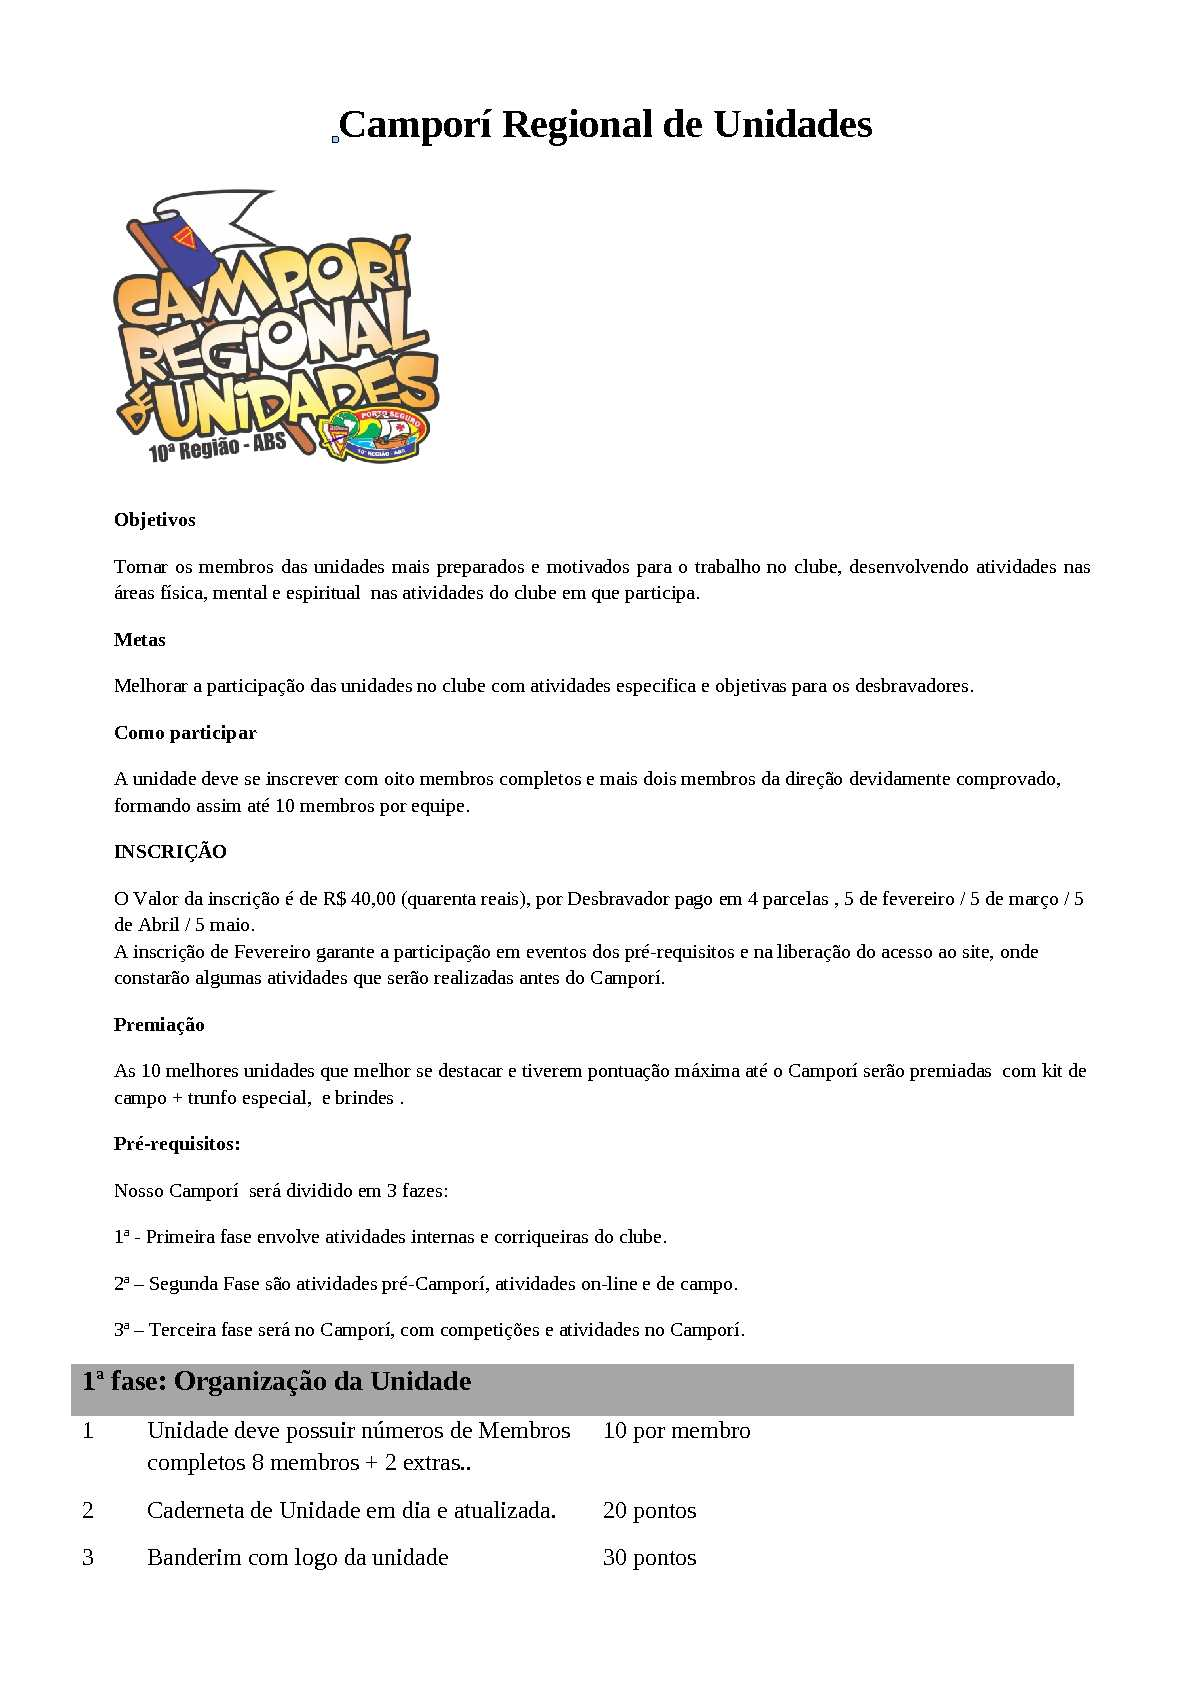 Pre requisitos do Campori de Unidades